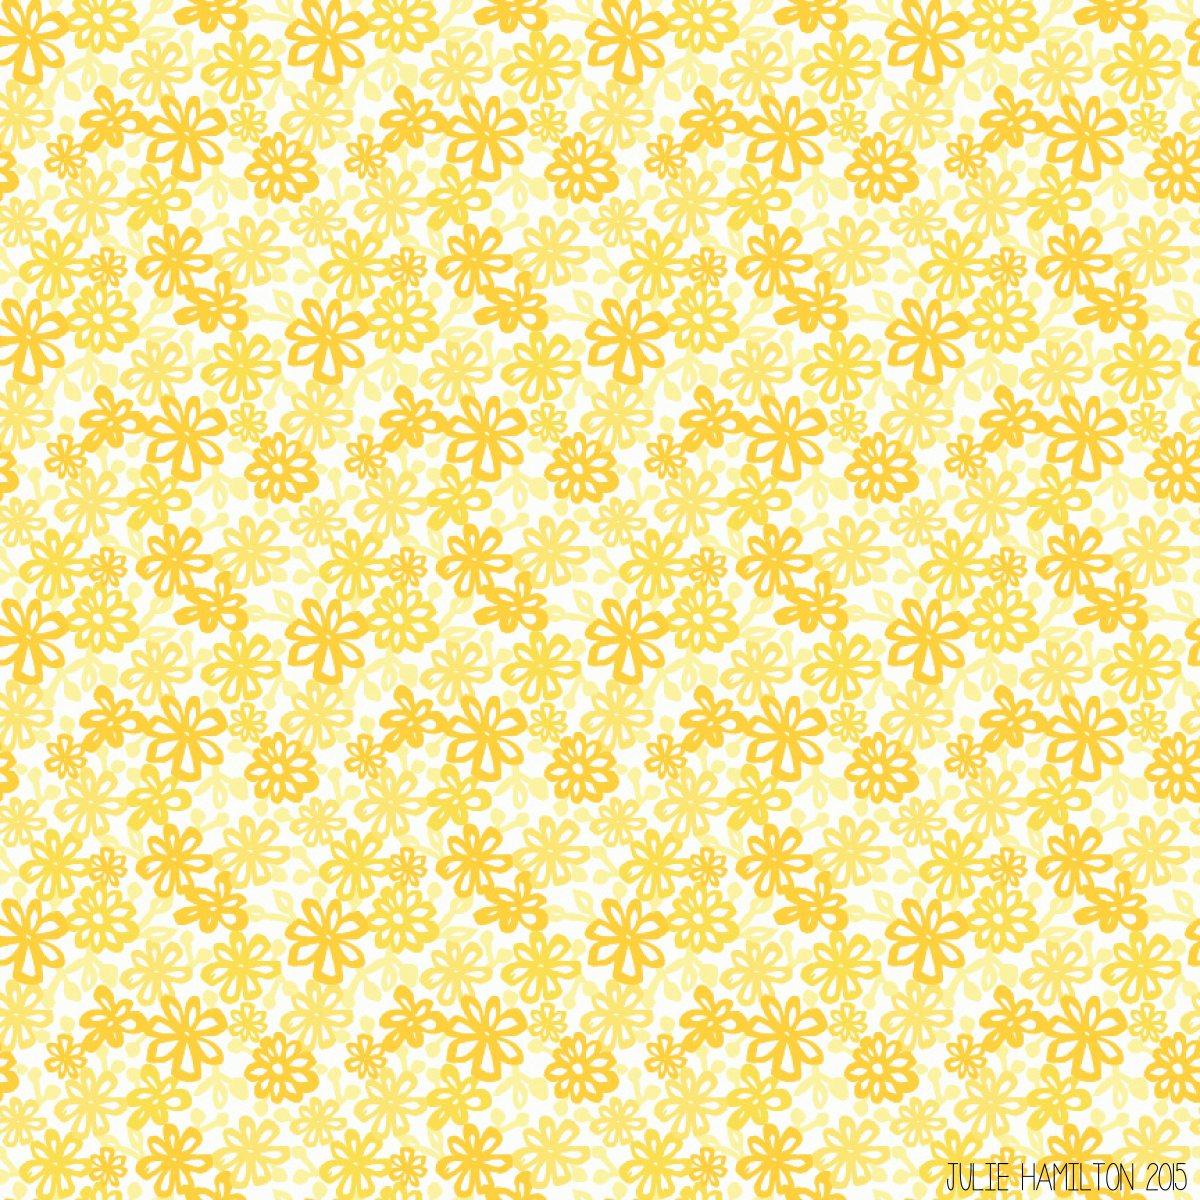 Baby Daisy - Julie Hamilton Creative {artistically afflicted blog}